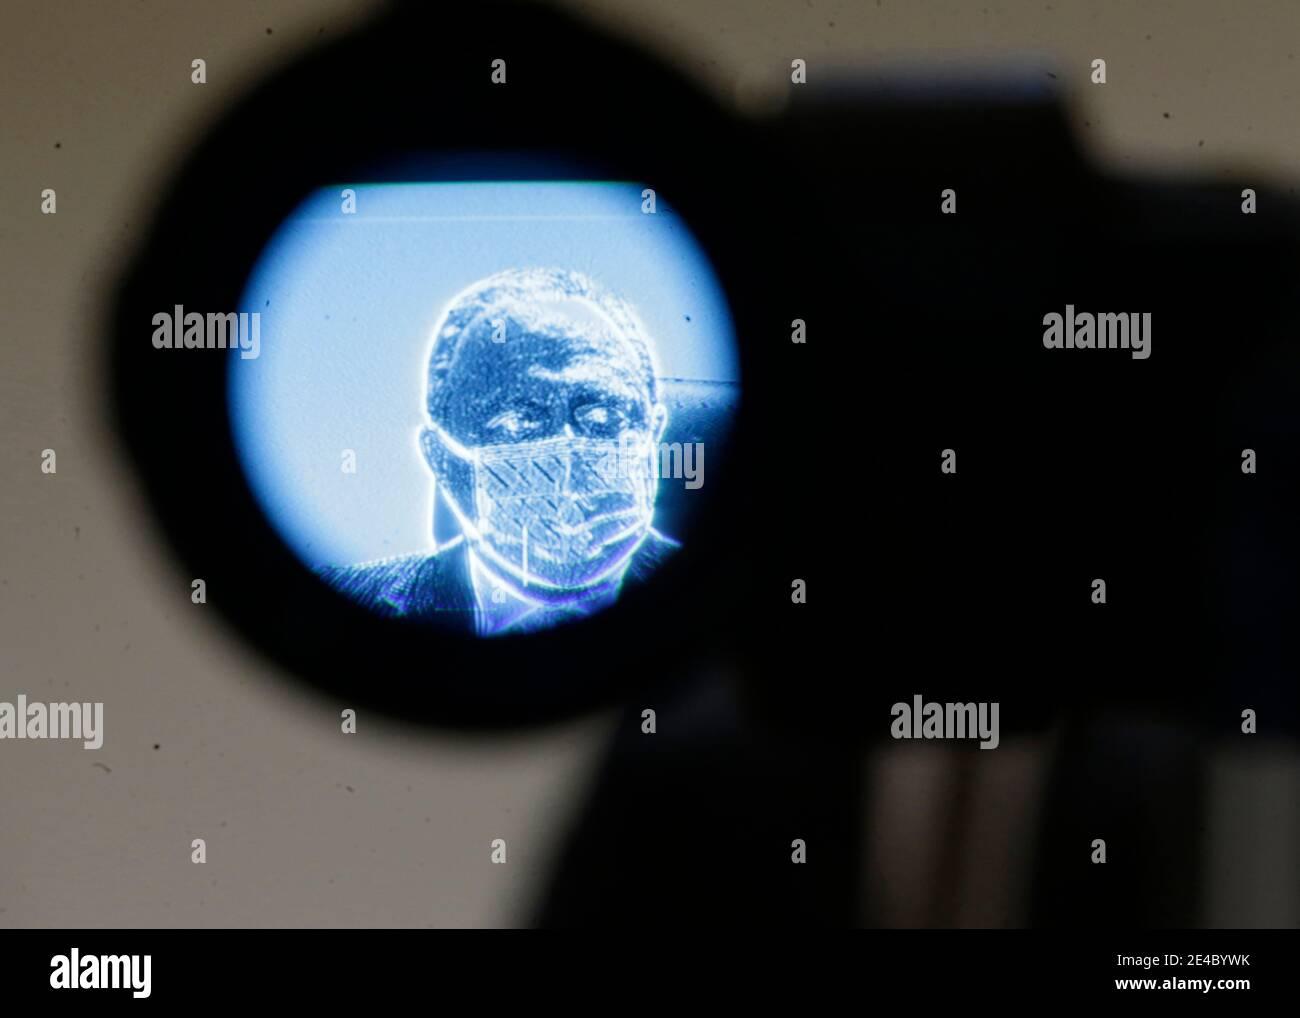 Rio de Janeiro , Brasilien, 22. Januar 2021 Covid- 19 Krise der brasilianische Gesundheitsminister Eduardo Pazuello wird auf einer Pressekonferenz mit einem Videokameras-Sucher gesehen Stockfoto